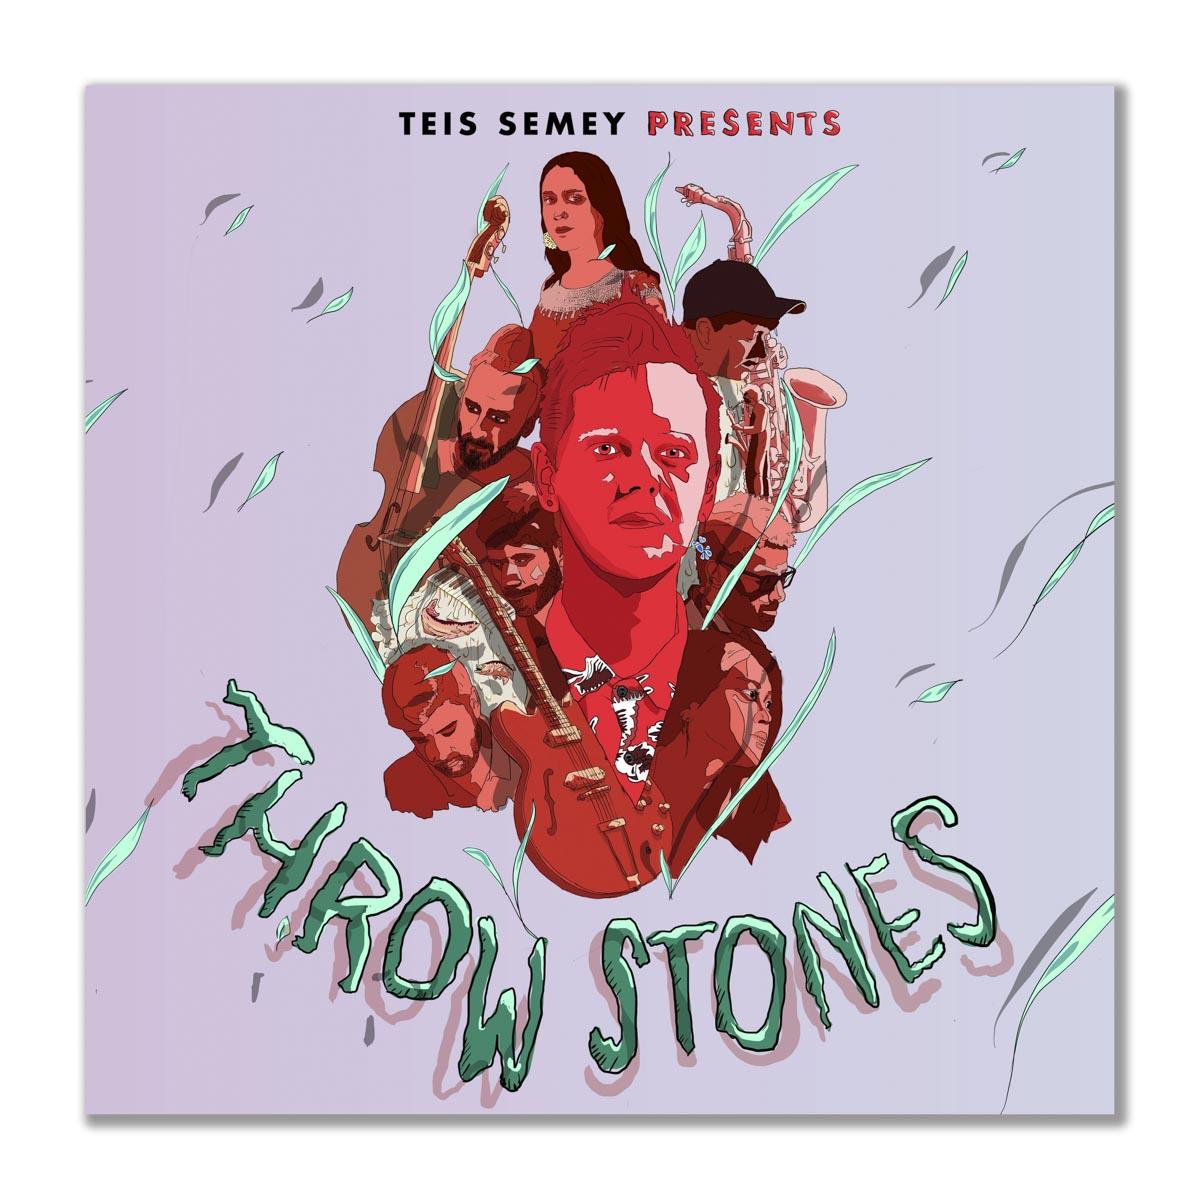 Teis Semey - Throw Stones